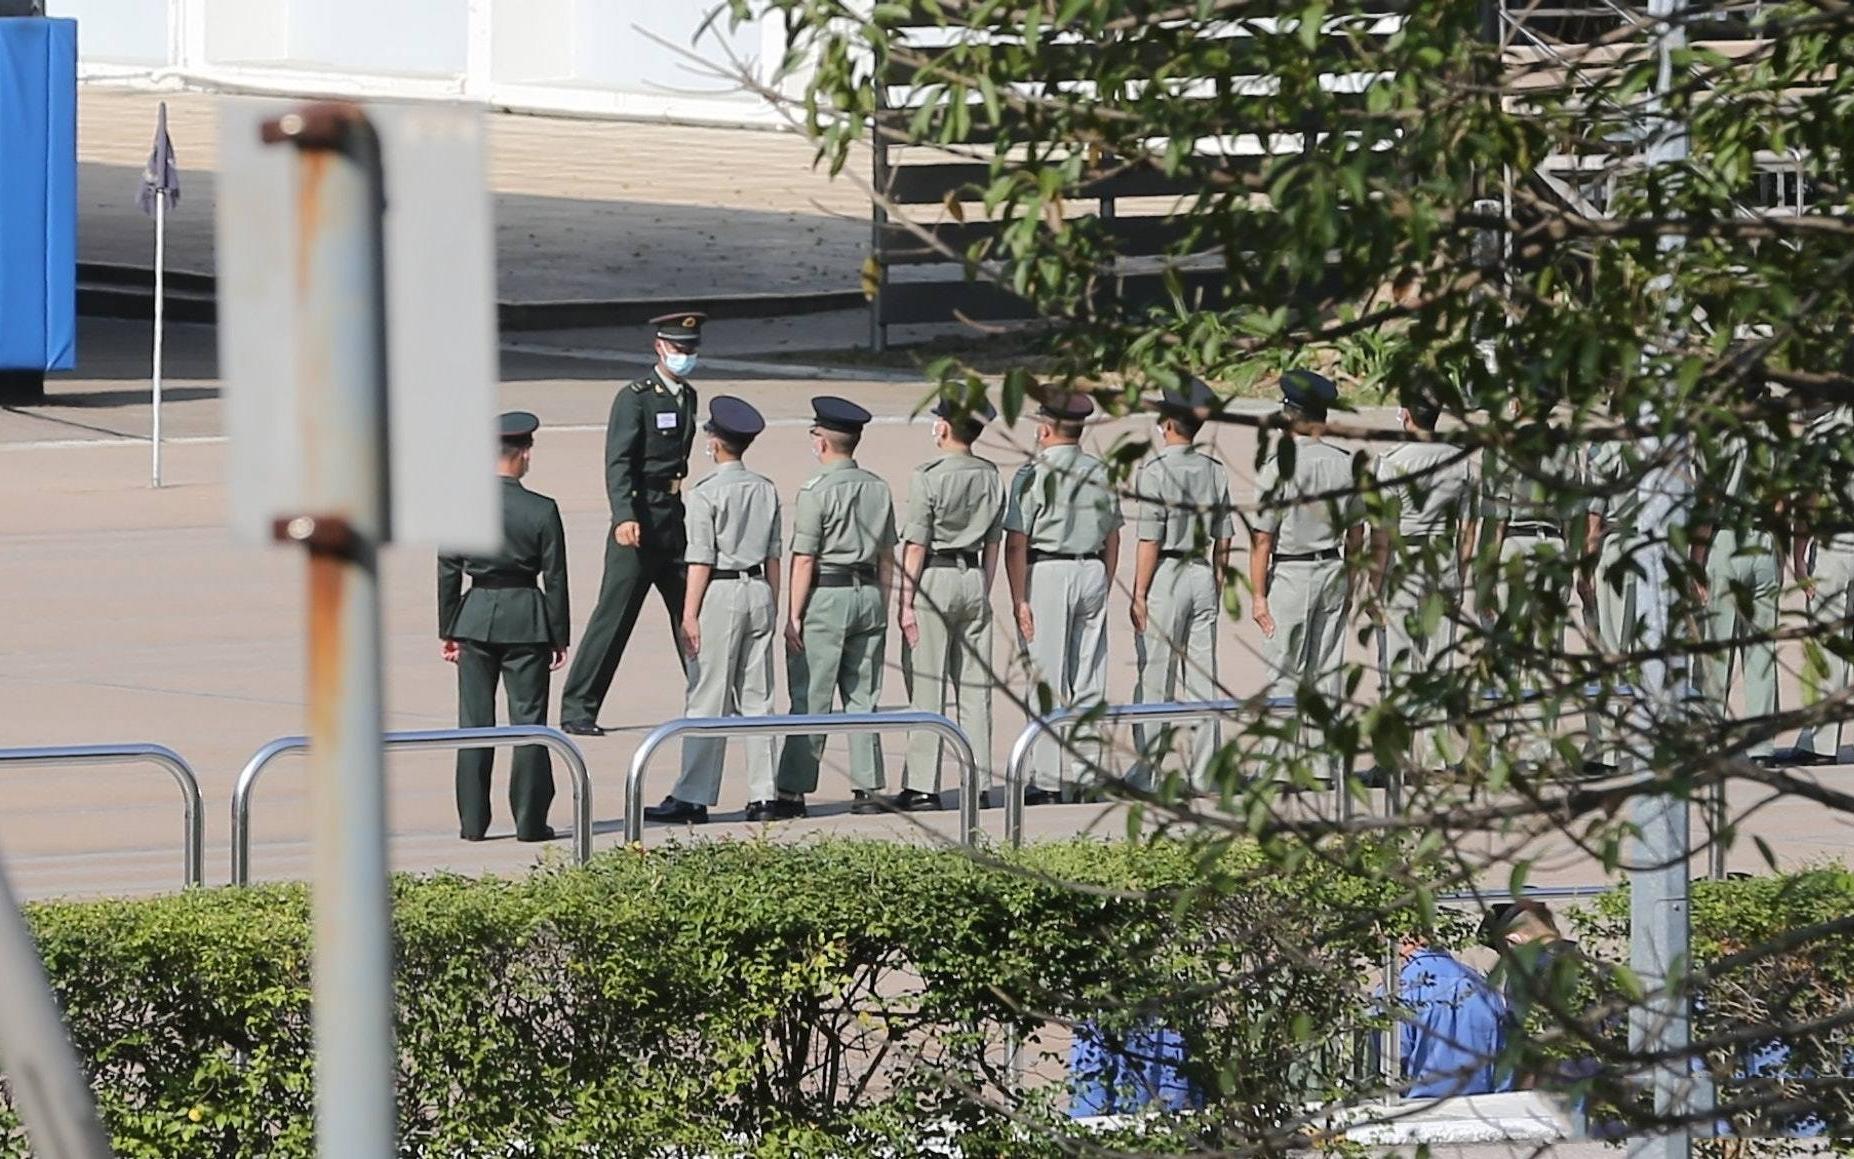 帅气!香港警察训练中式正步,解放军教官倾力教授